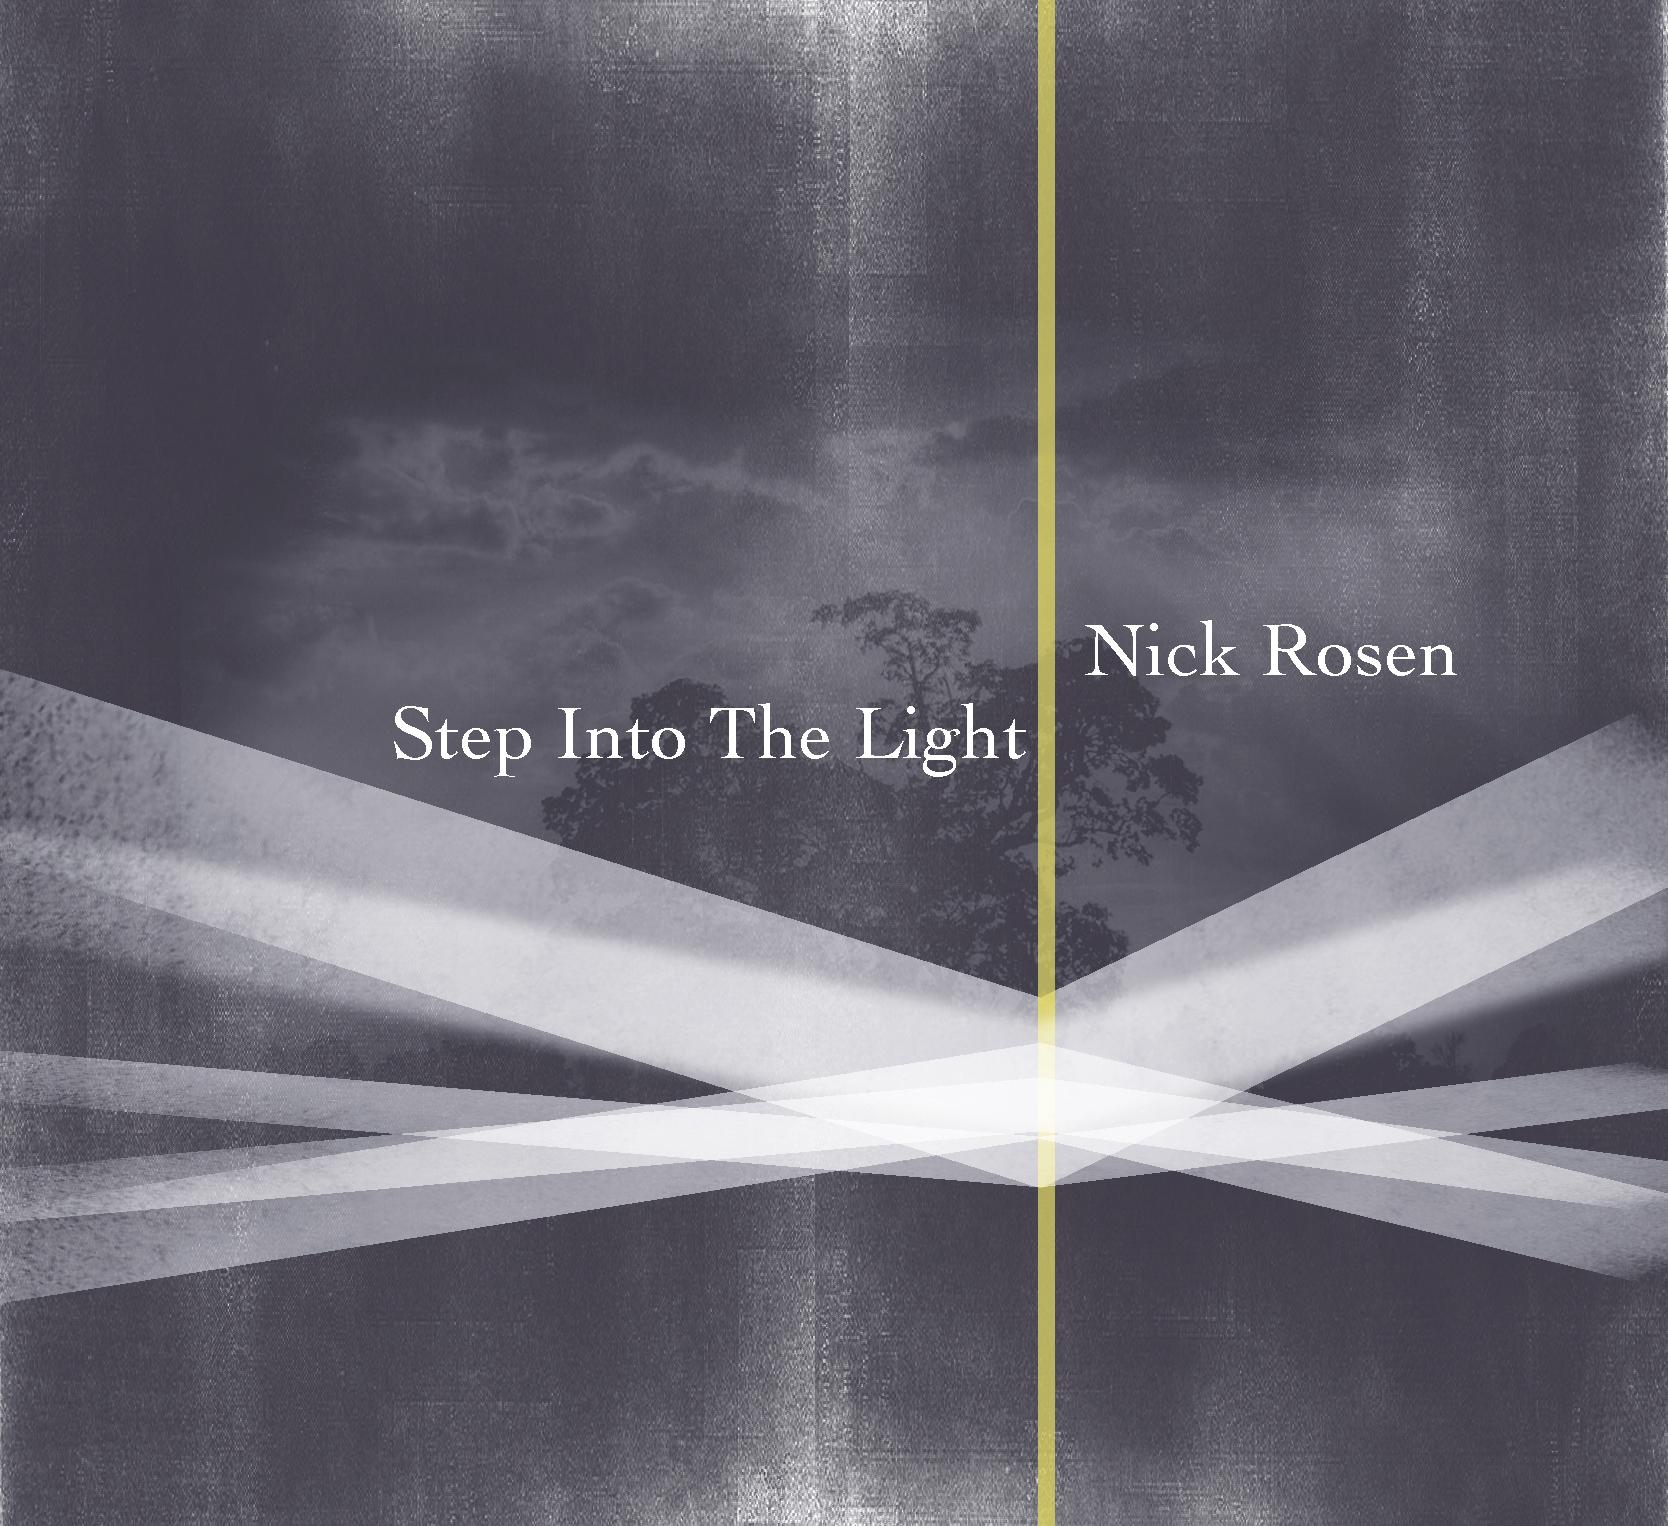 N.Rosen.SITL.jpg